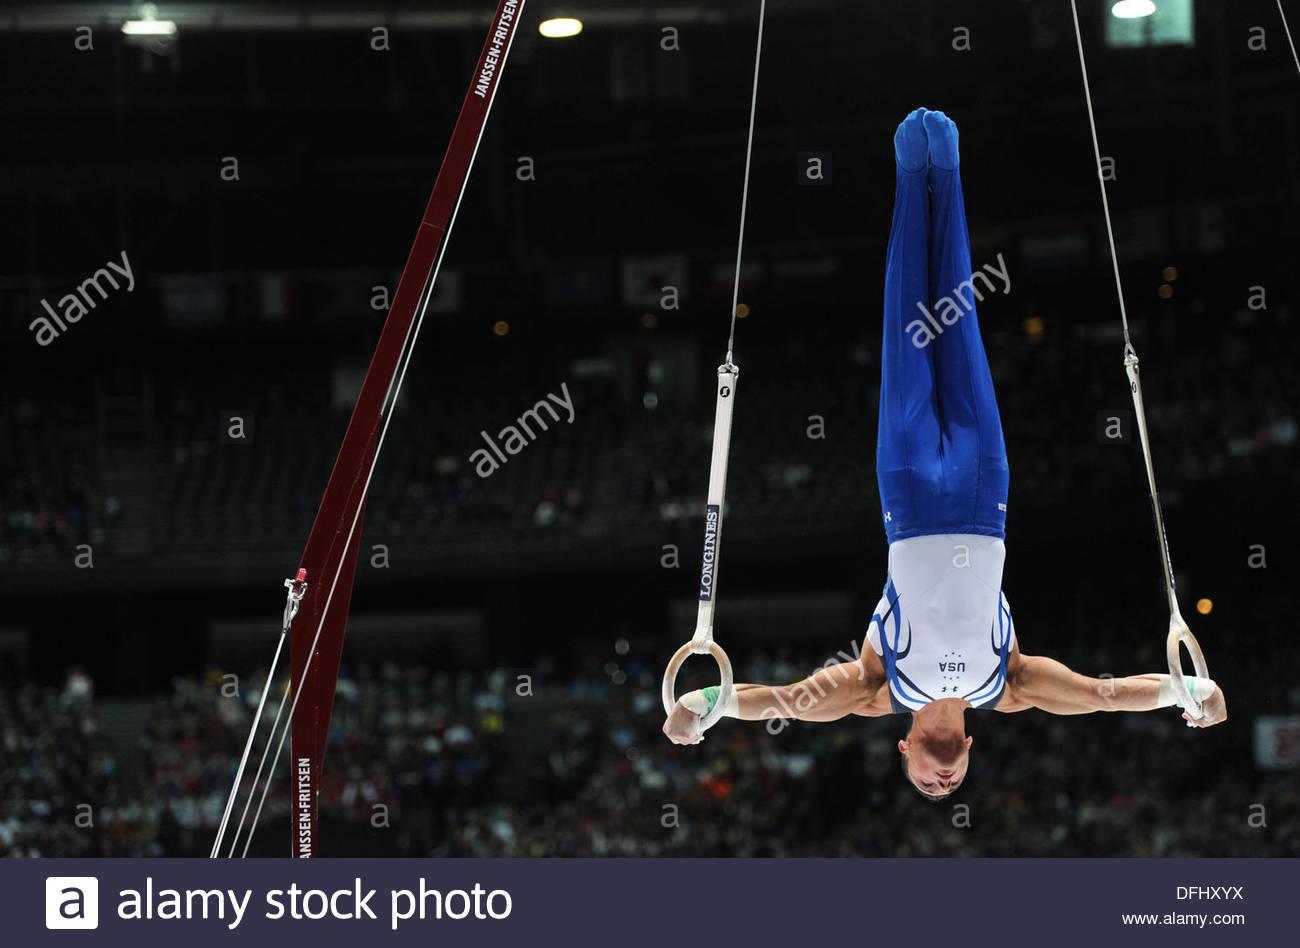 Anvers, Belgique. 5Th Oct, 2013. Gymnastique Championnats du monde 2013 Anvers Belgique finales individuelles Brandon Photo Stock